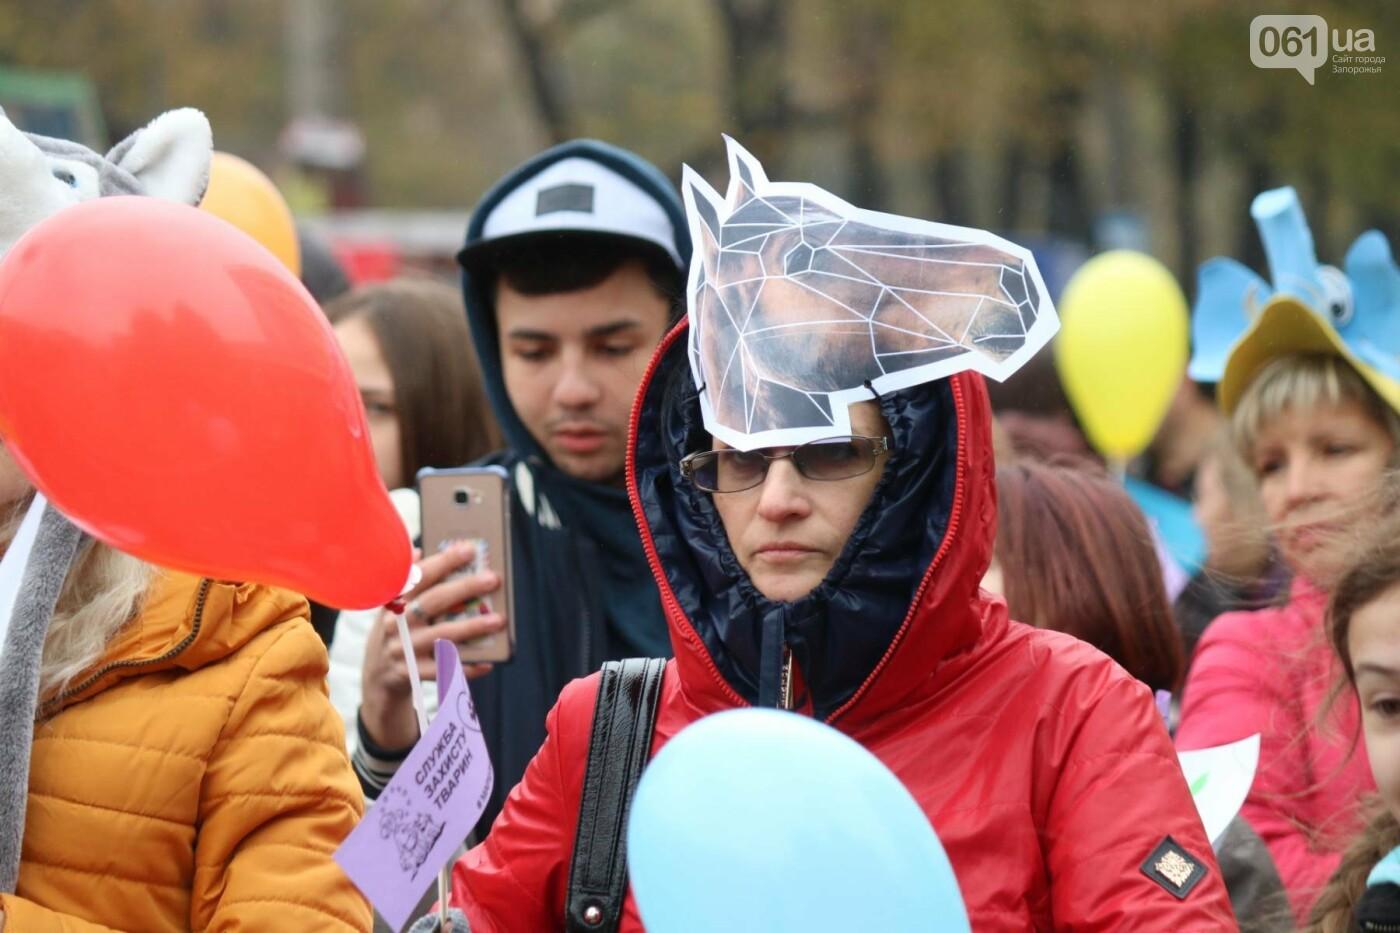 В Запорожье прошел марш за права животных, - ФОТОРЕПОРТАЖ, фото-10